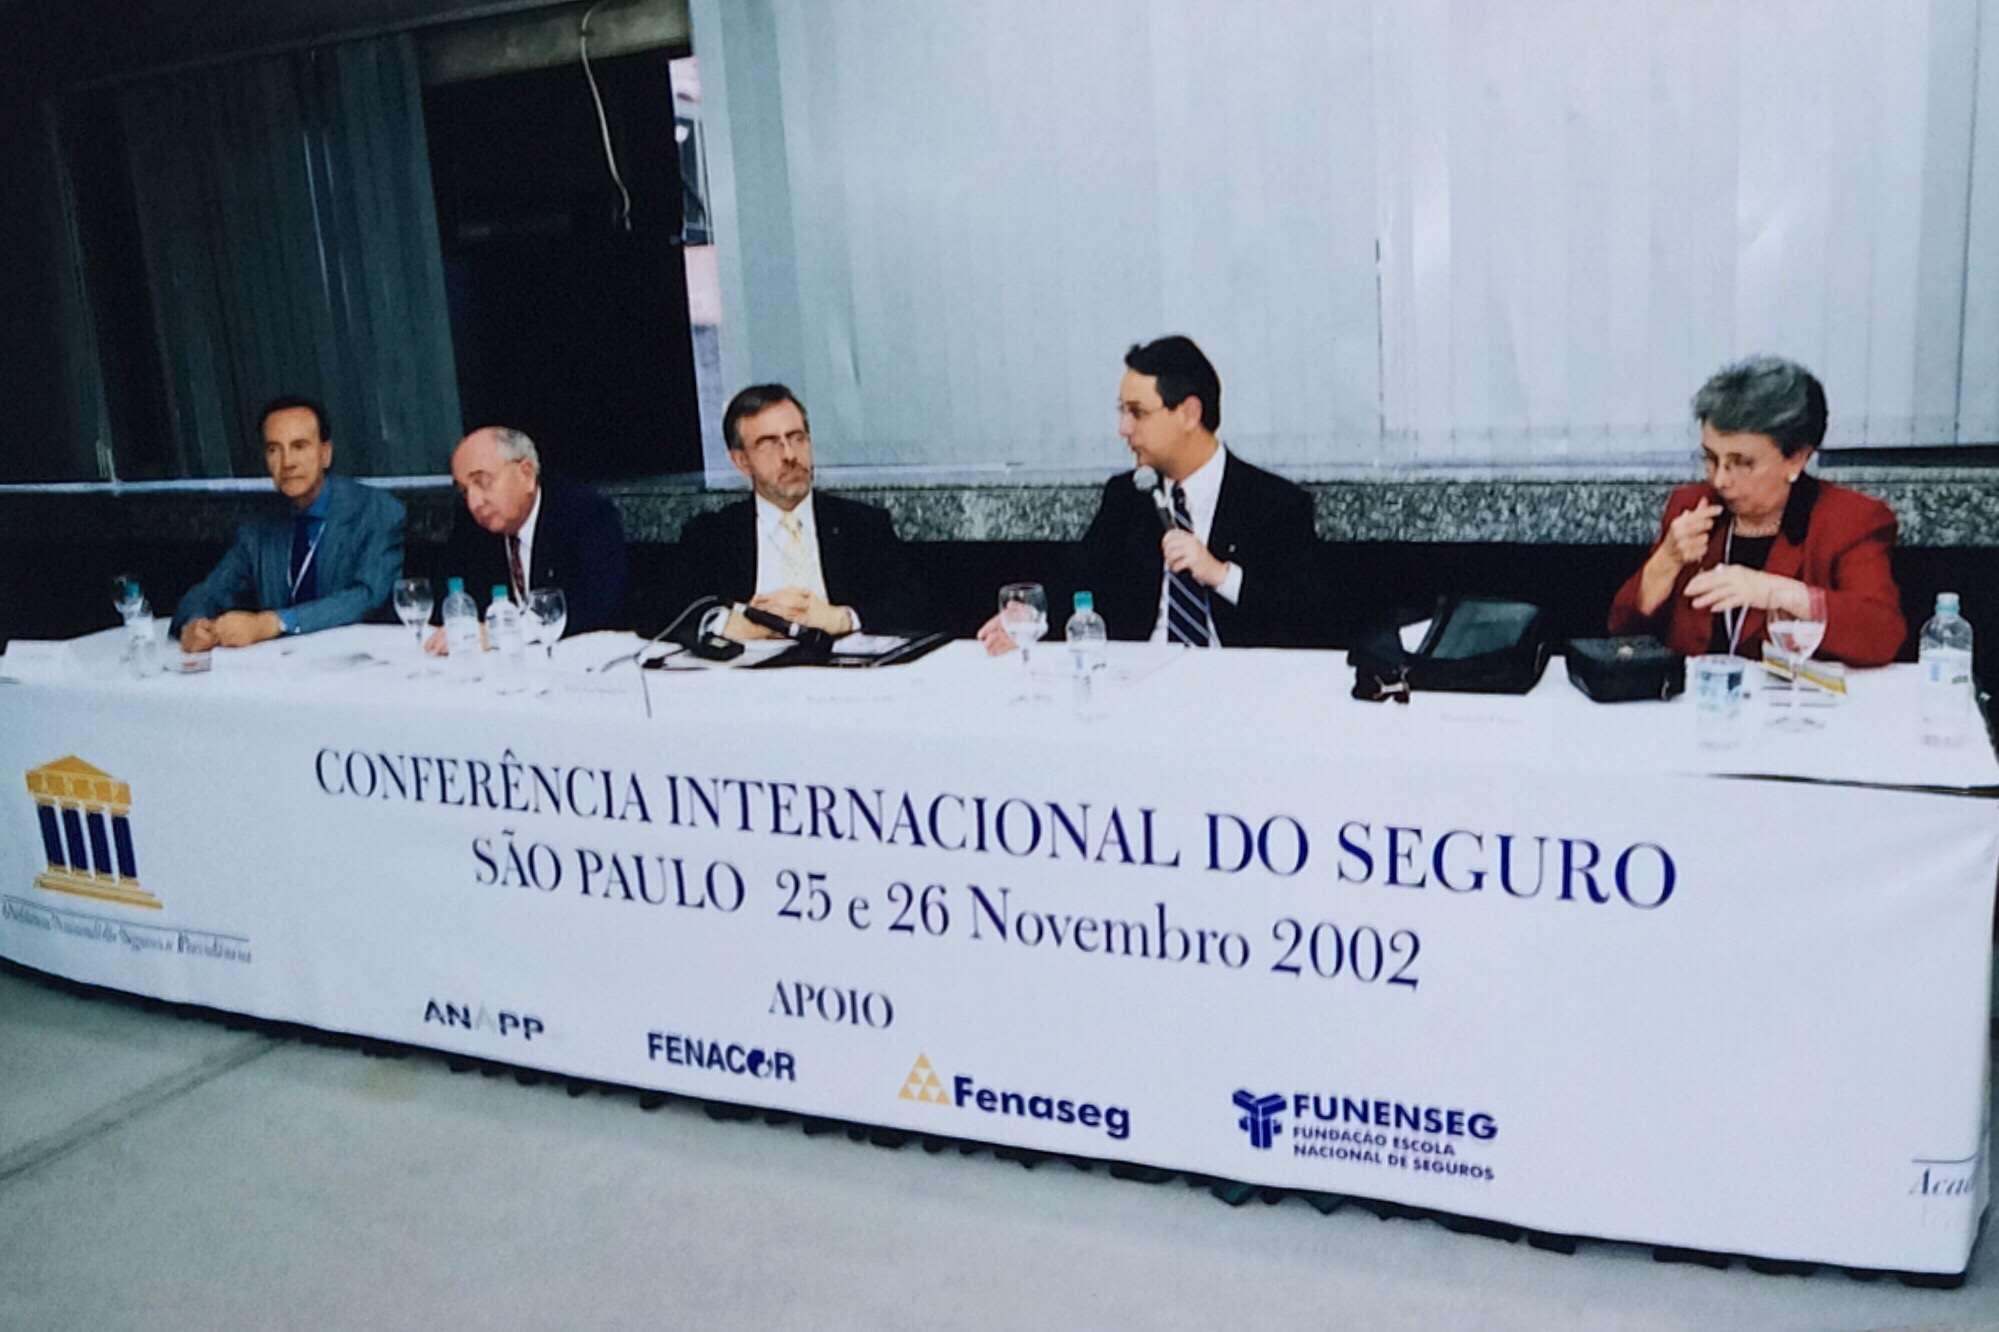 Conferência Internacional de Seguro – 2002